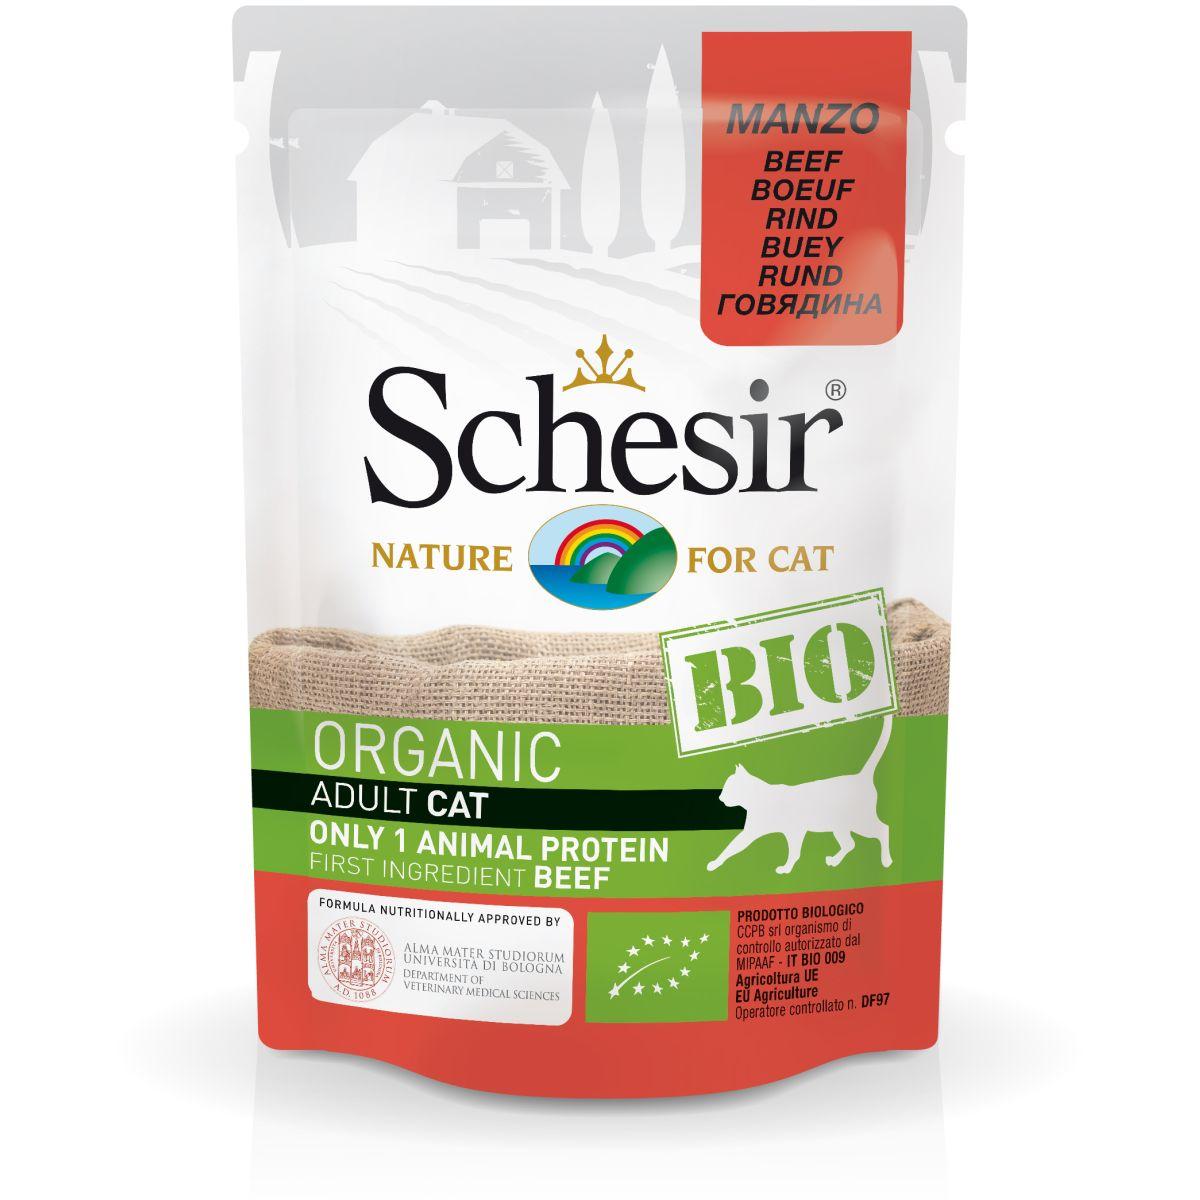 Schesir BIO Organic Rund